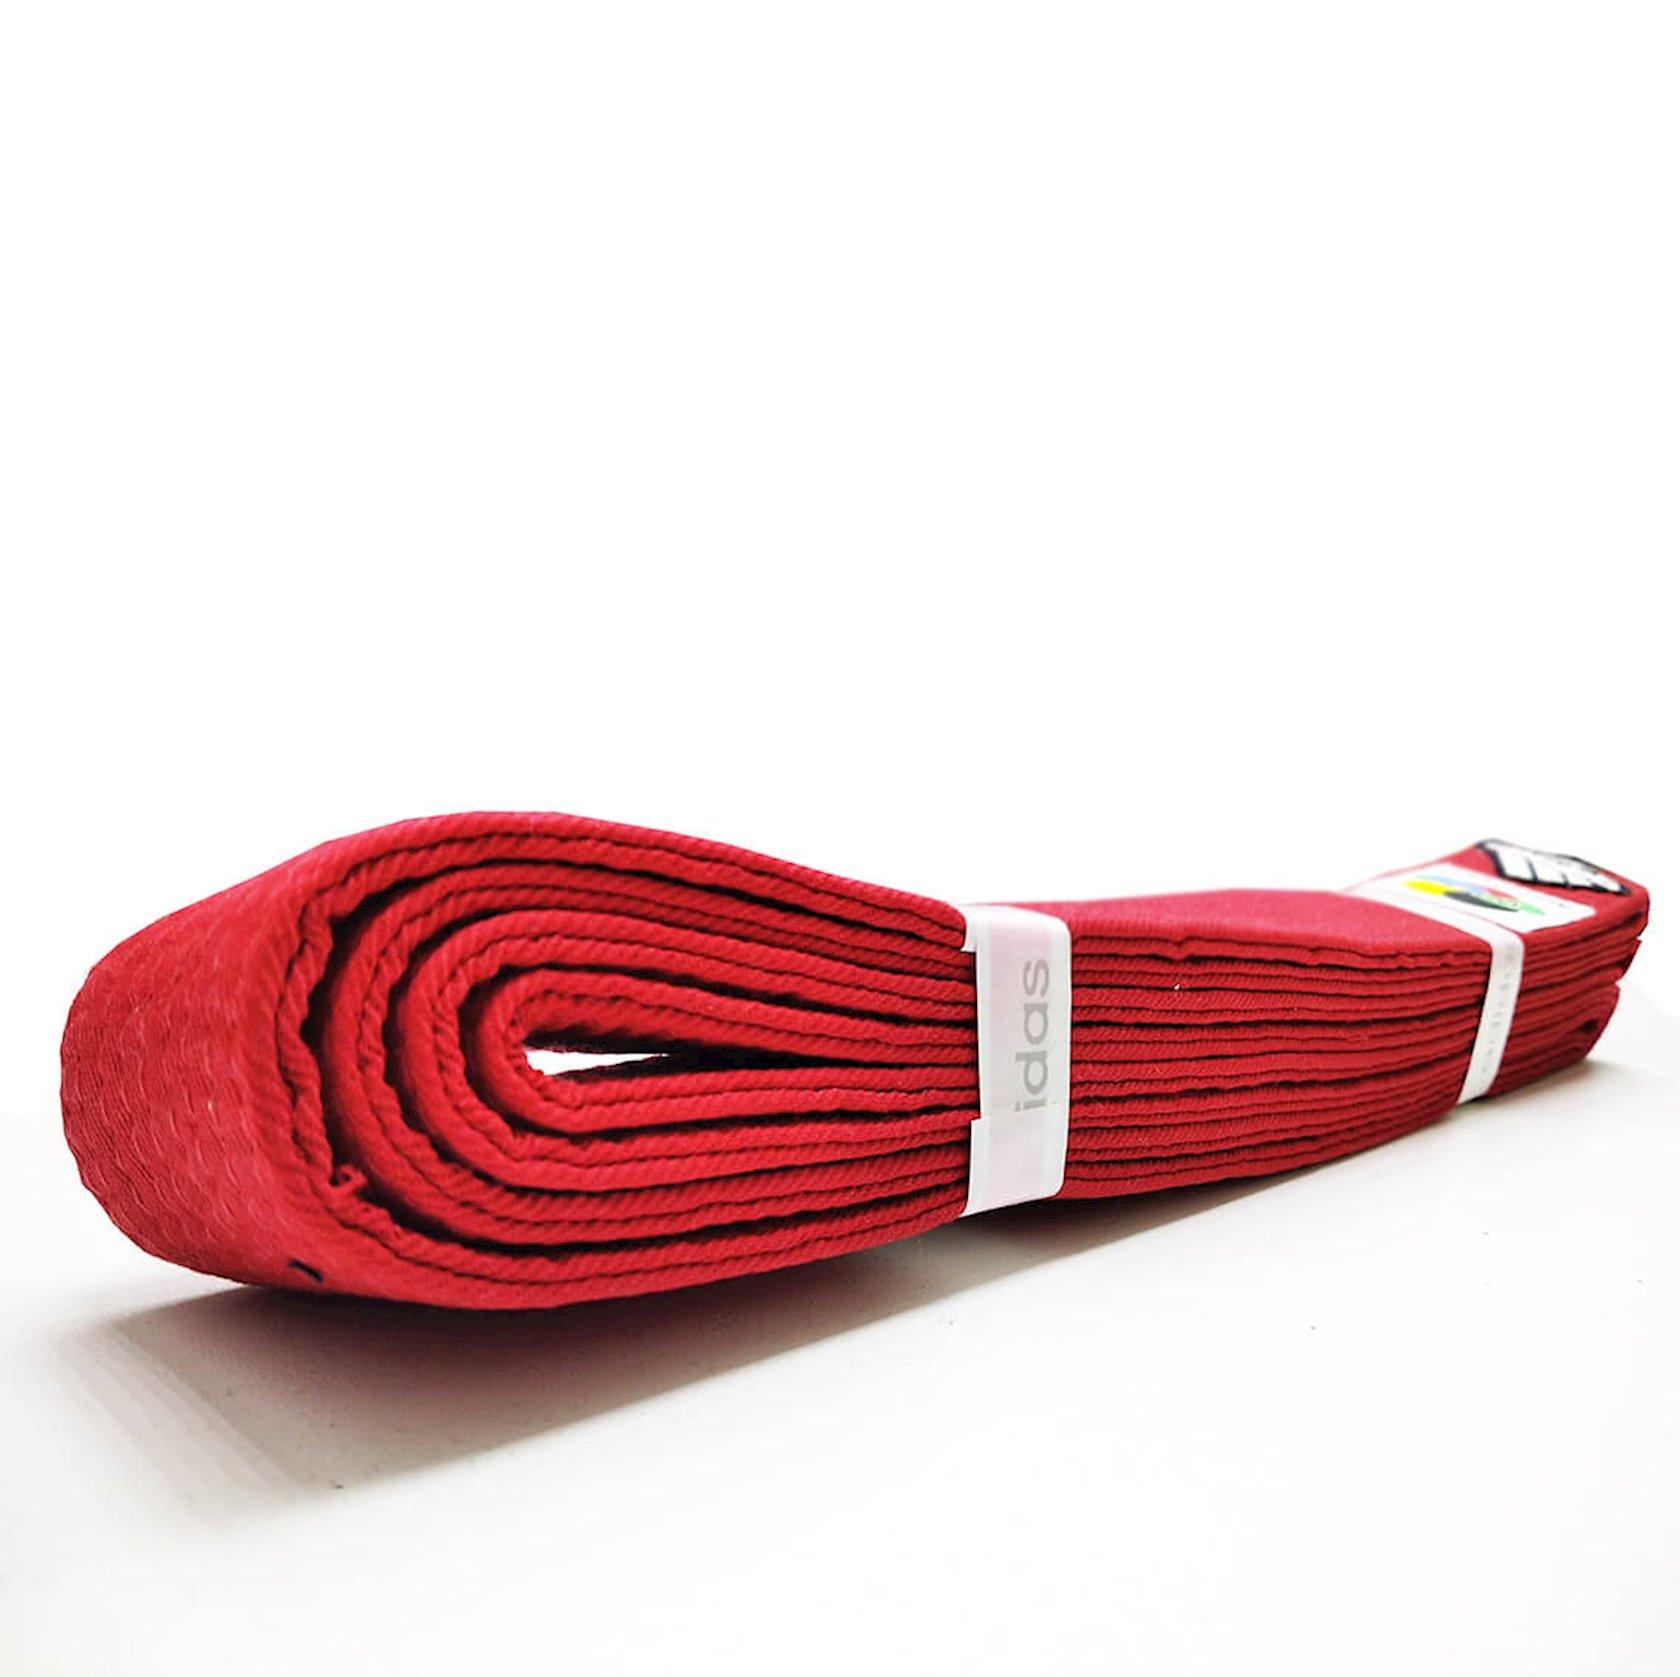 Karate üçün kəmər Adidas WKF Logo qırmızı, uzunluq 300 sm